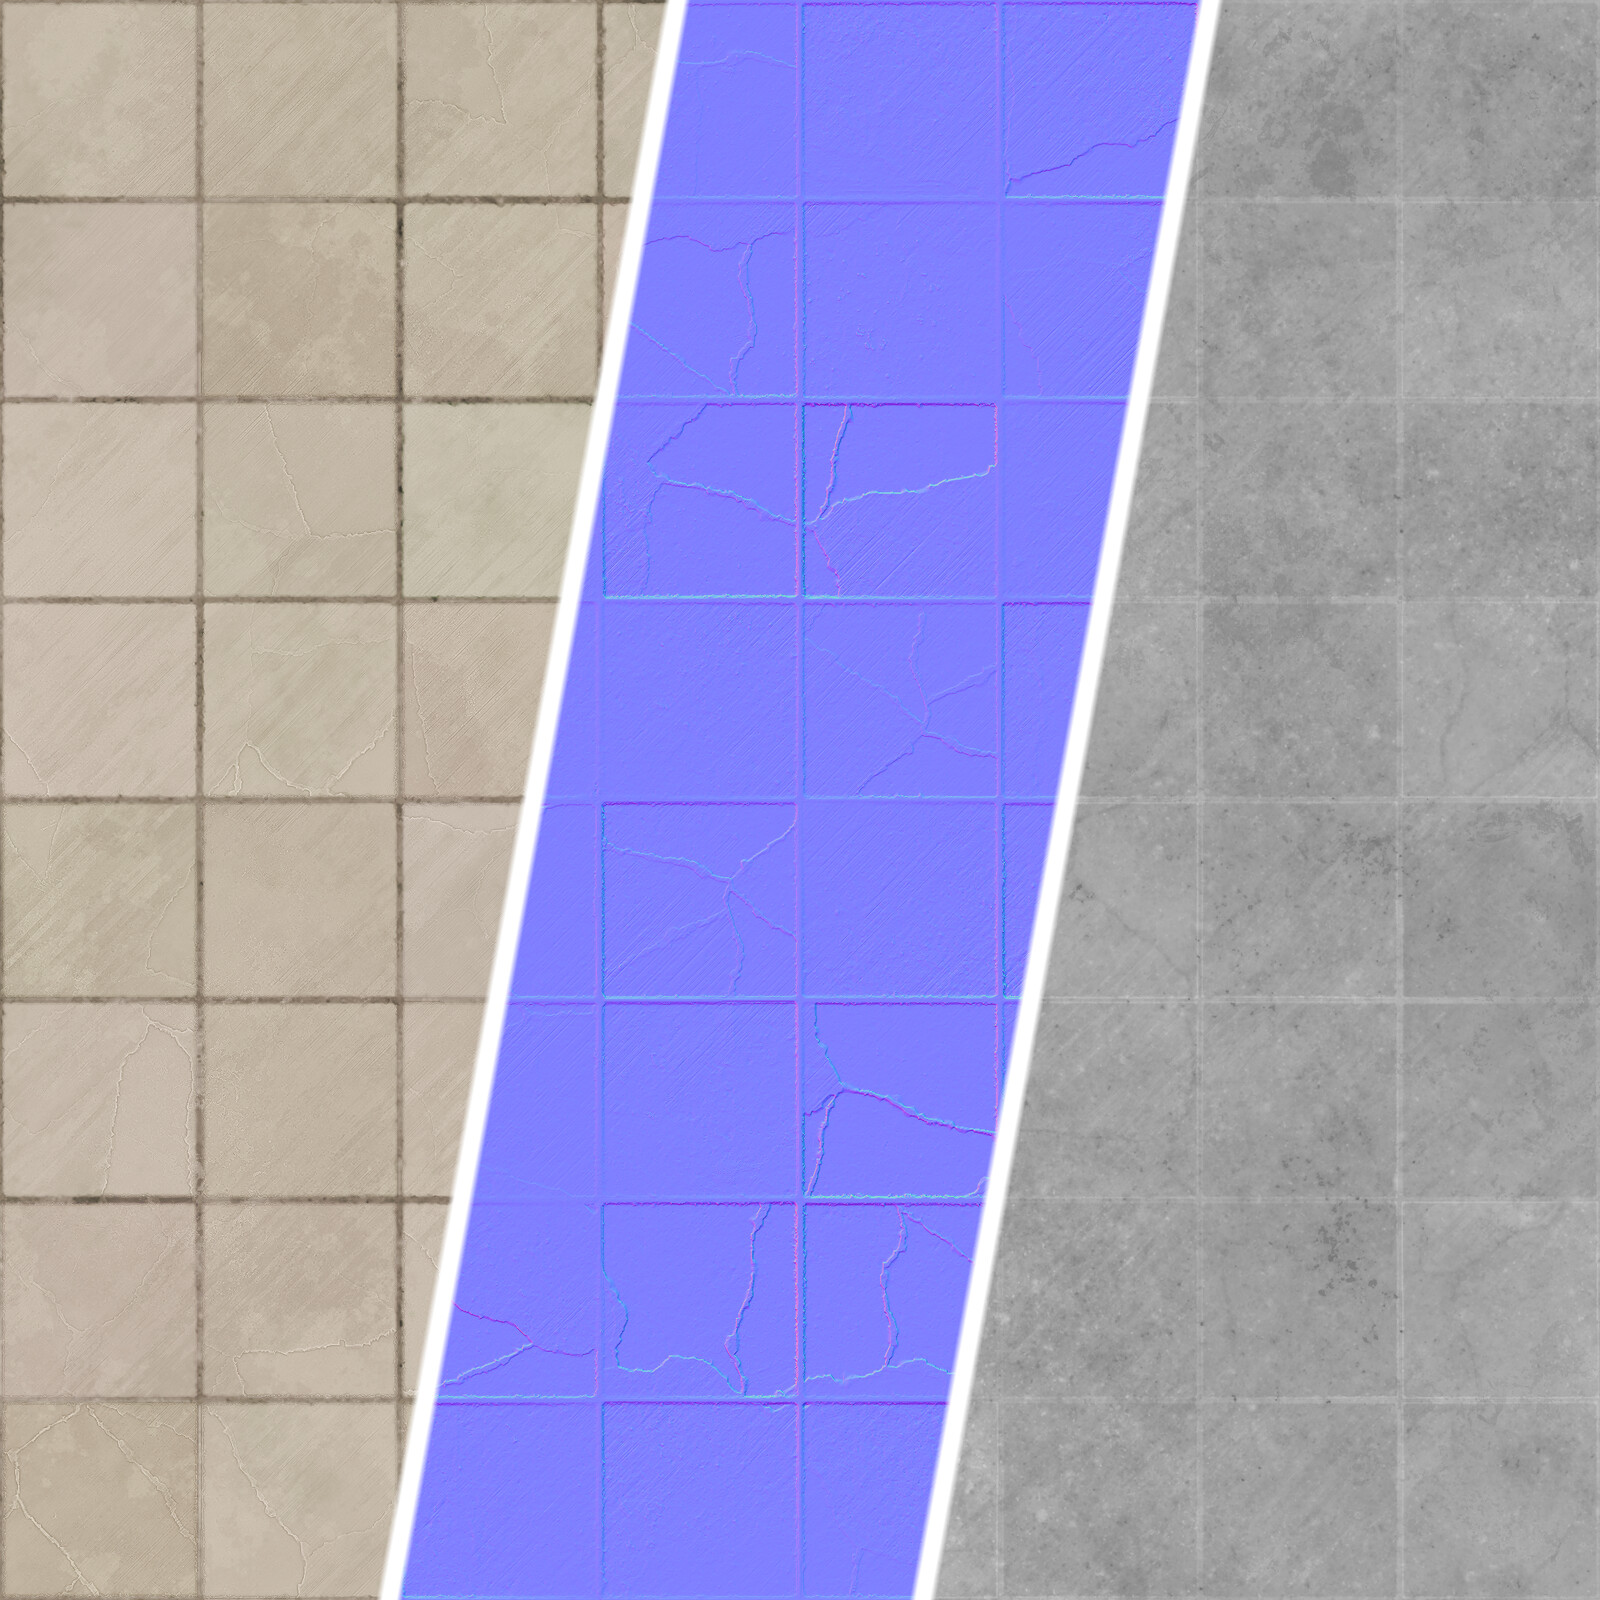 Pavement Tile texture maps breakdown